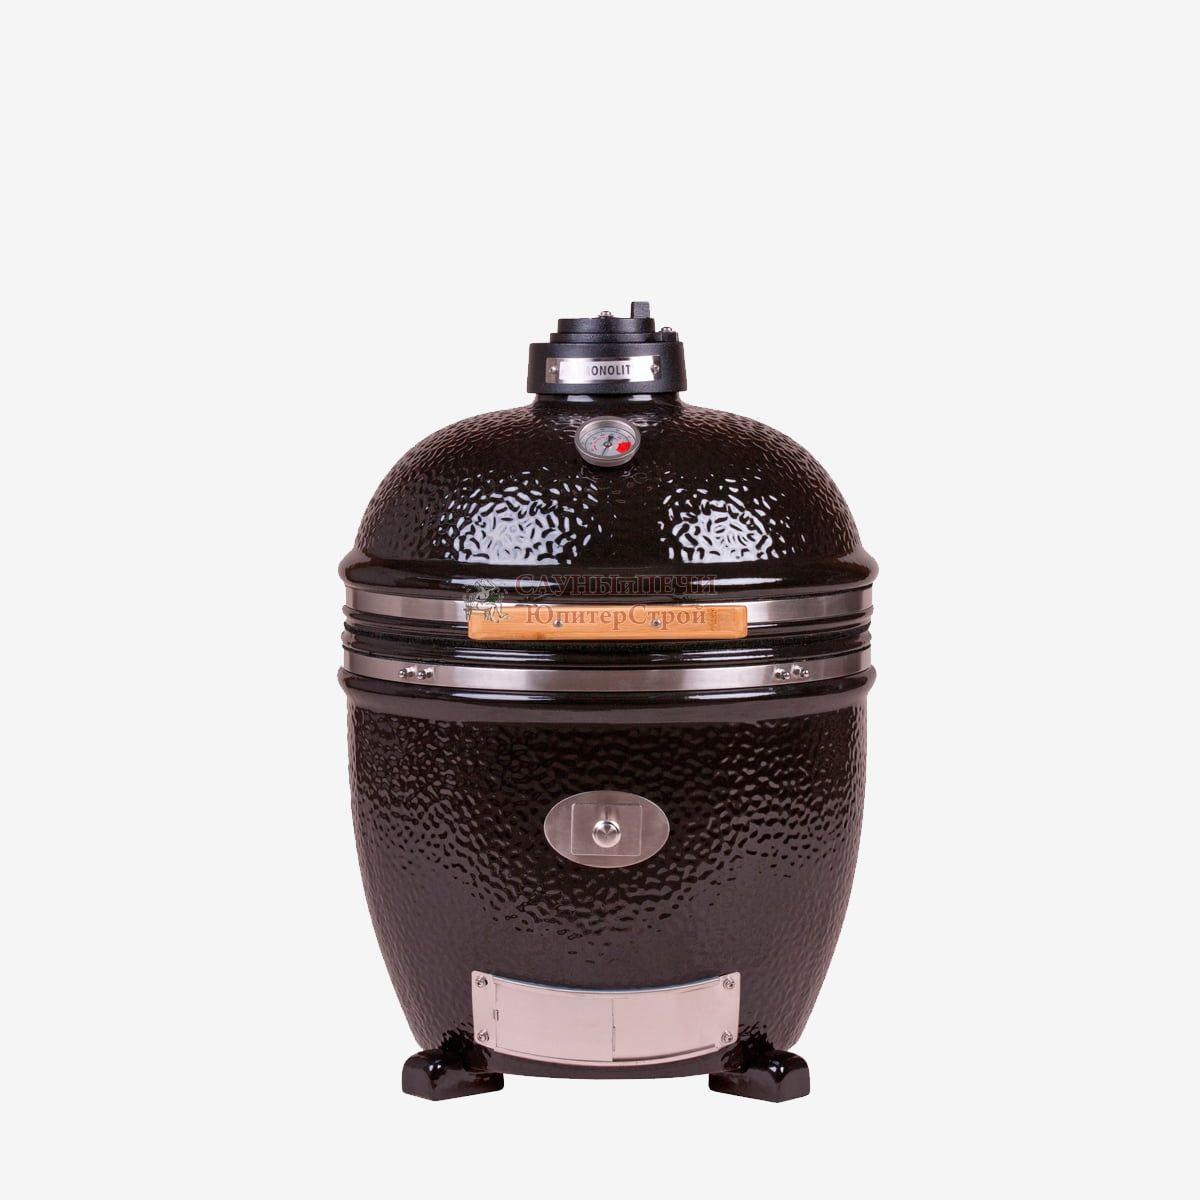 MONOLITH GRILL - черный цвет.Le Chef XL очень большой